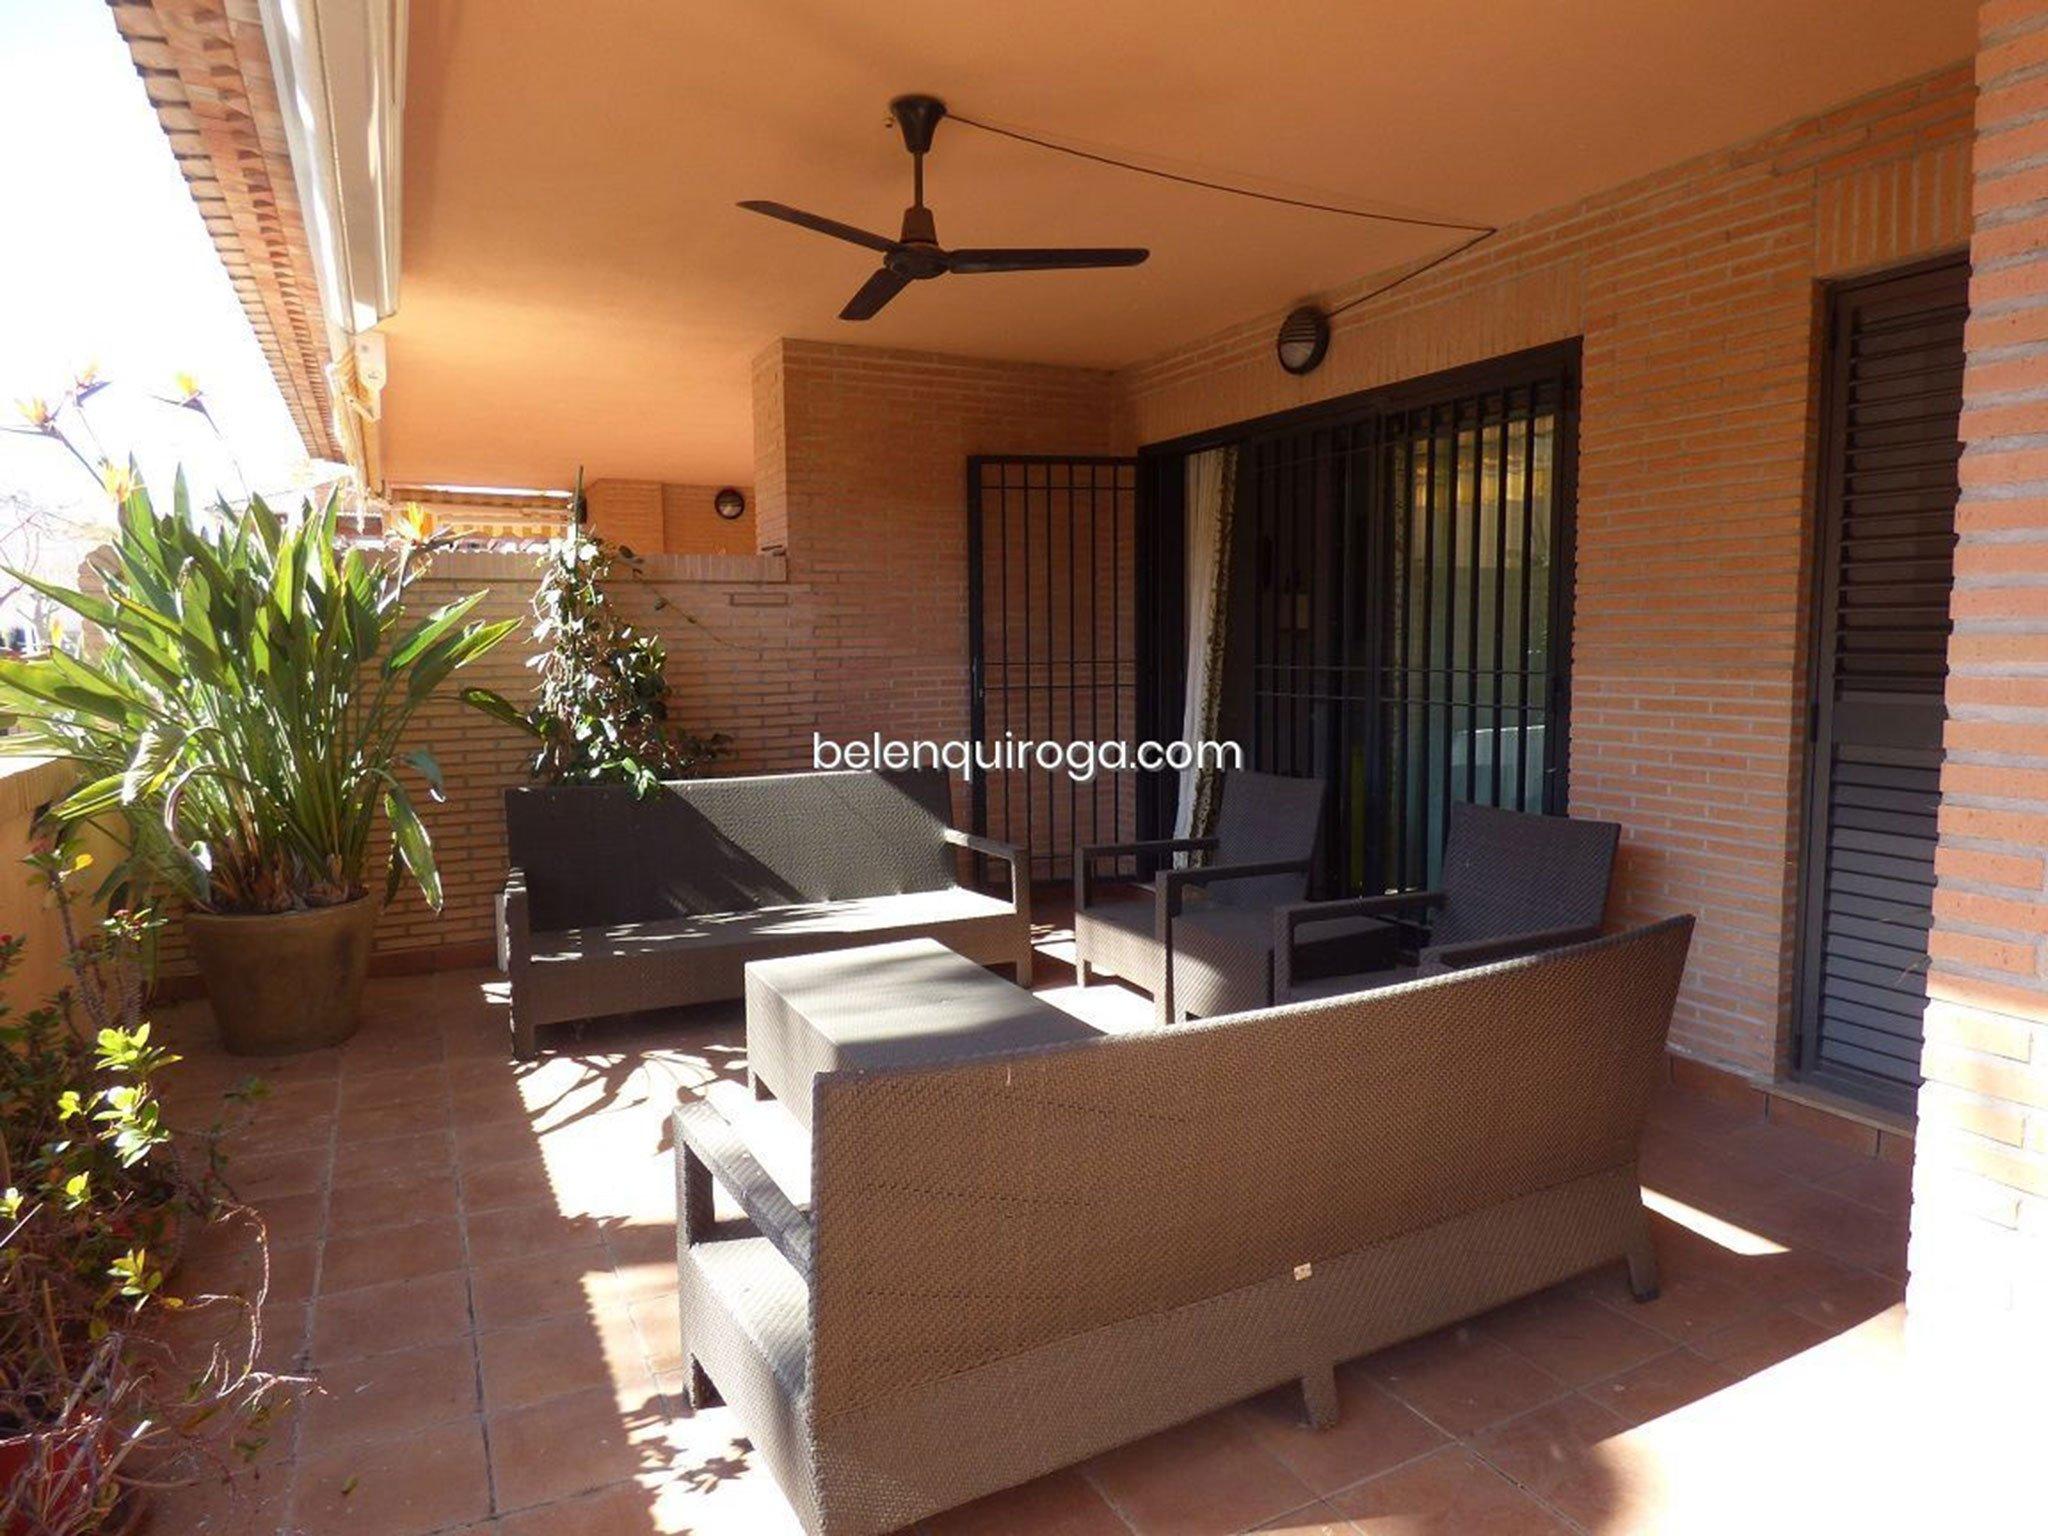 Terraza con zona de estar en un adosado en venta en Jávea – Inmobiliaria Belen Quiroga